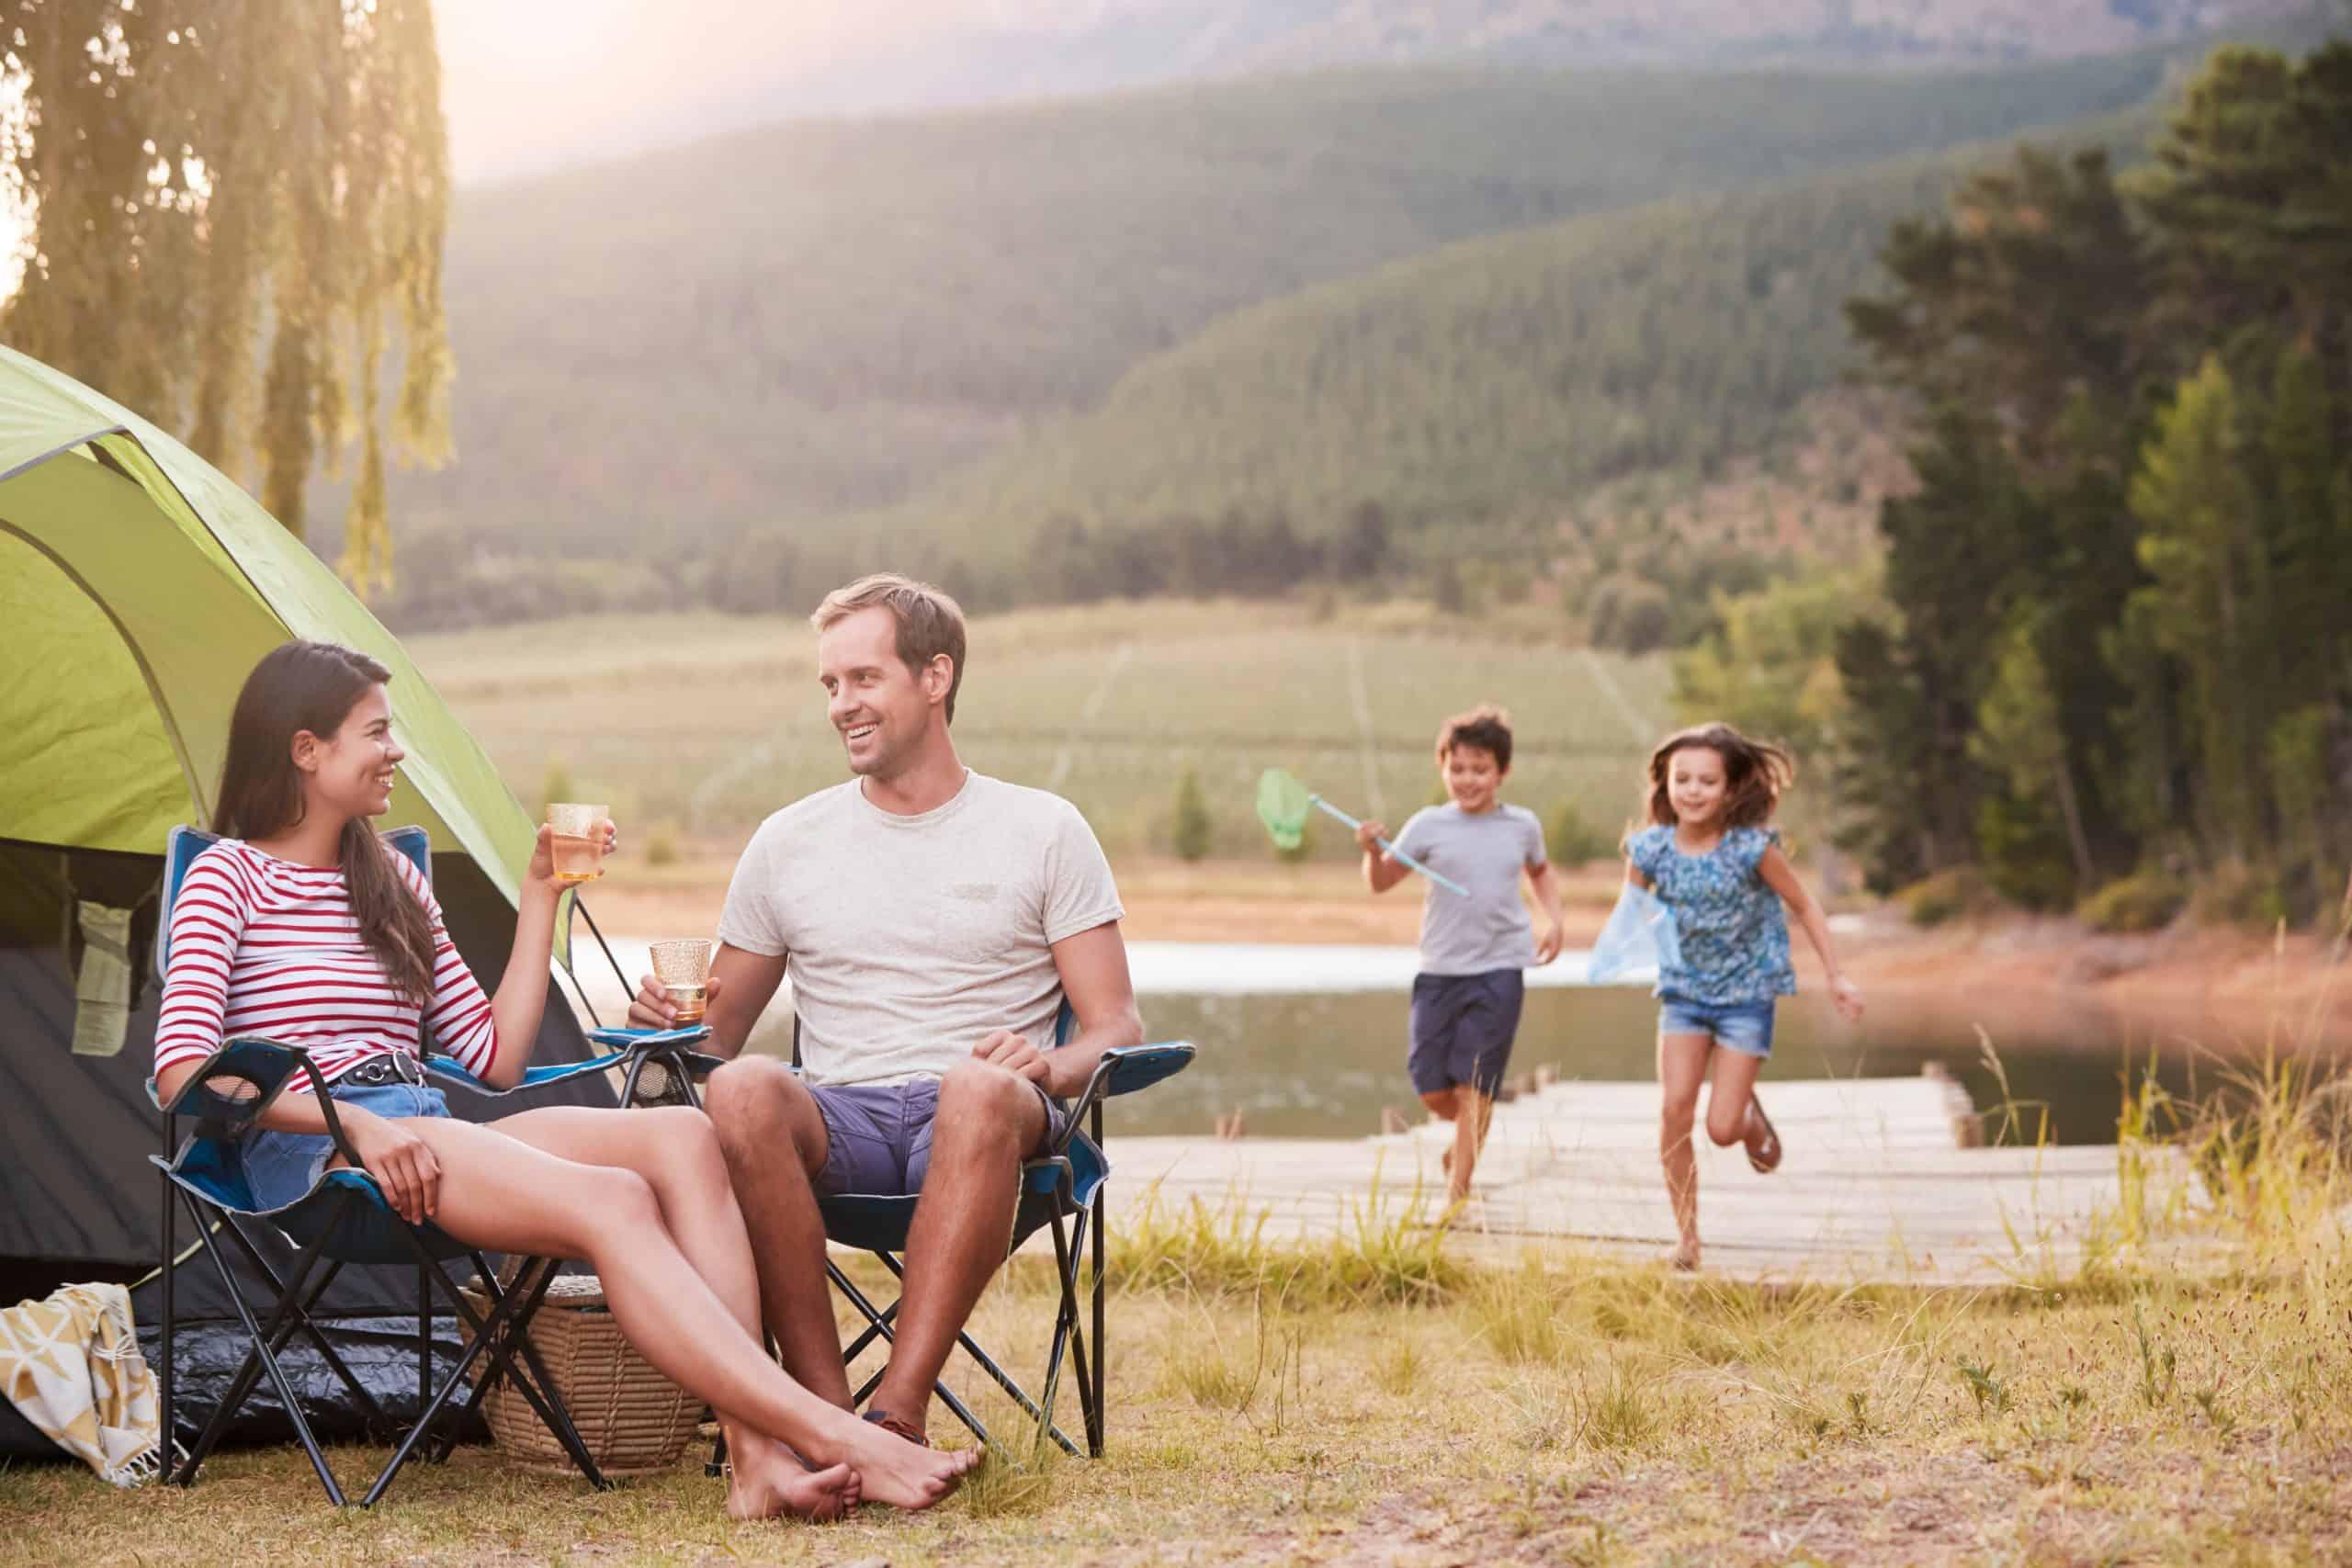 Urlaubsplanung Familie genießt Campingurlaub am See zusammen